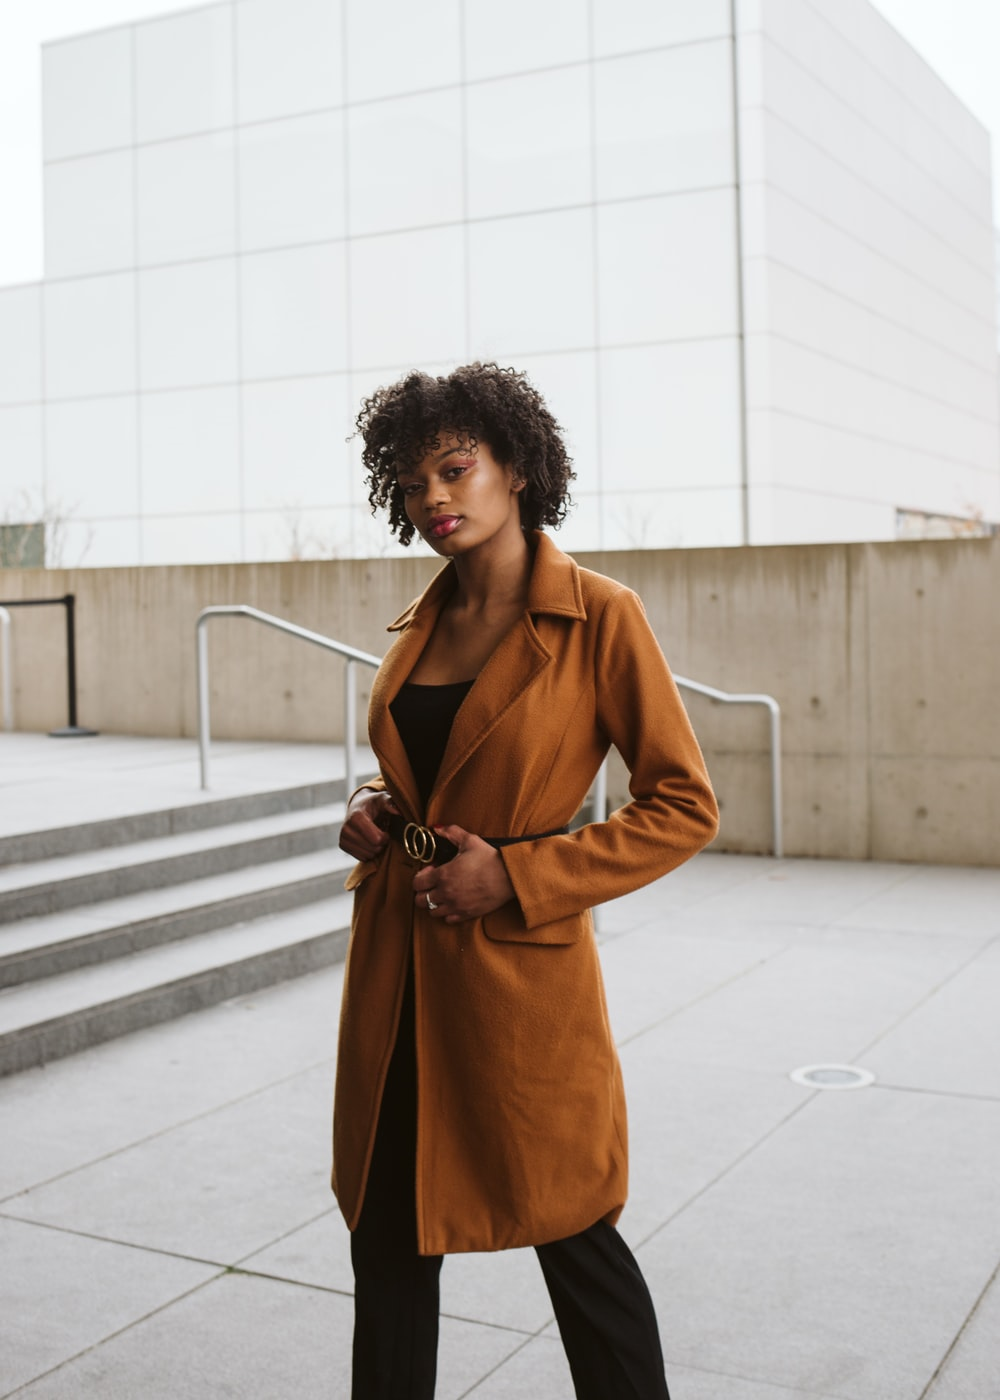 woman in brown coat standing on white floor tiles